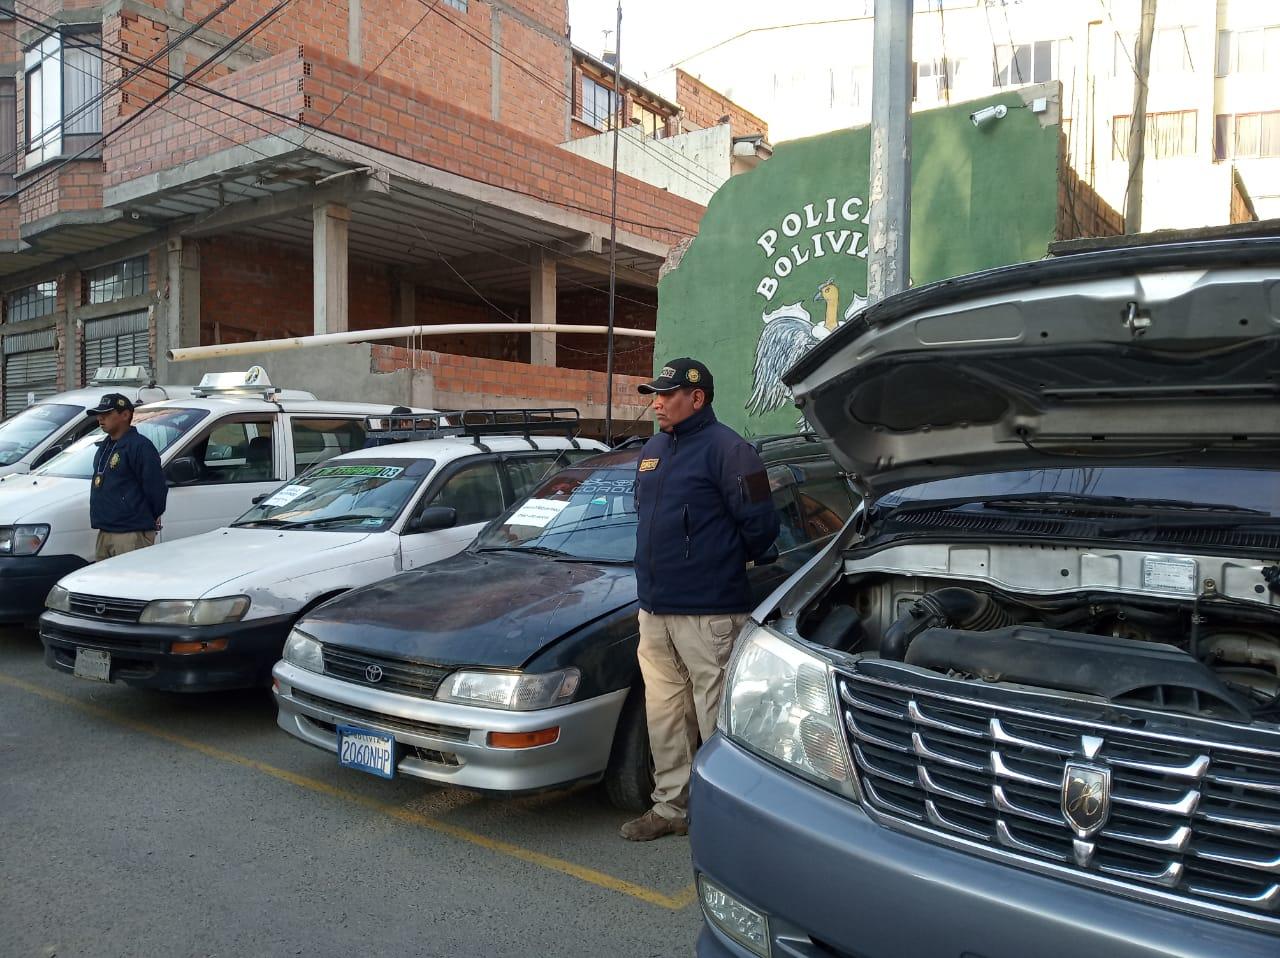 DIPROVE recupera 9 vehículos y 7 motocicletas que fueron robadas en el transcurso de este año